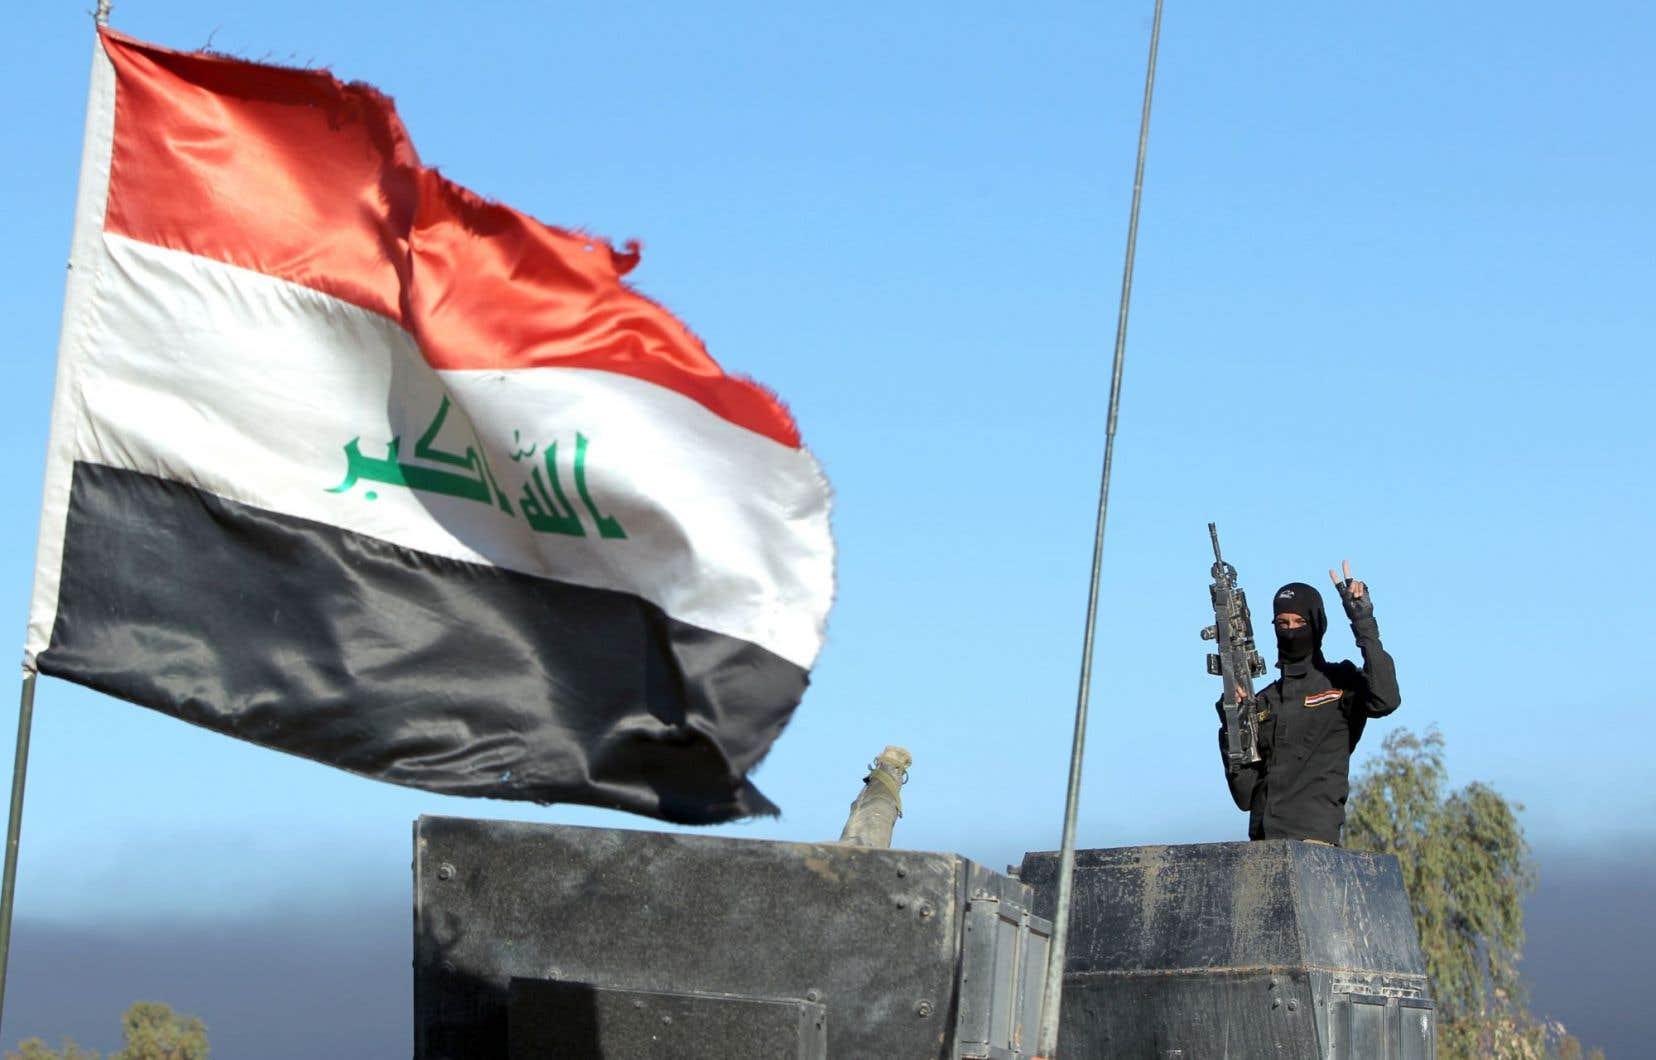 Les forces de sécurité irakiennes consolidaient mercredi leurs positions à Ramadi, chef-lieu de la province d'Al-Anbar.